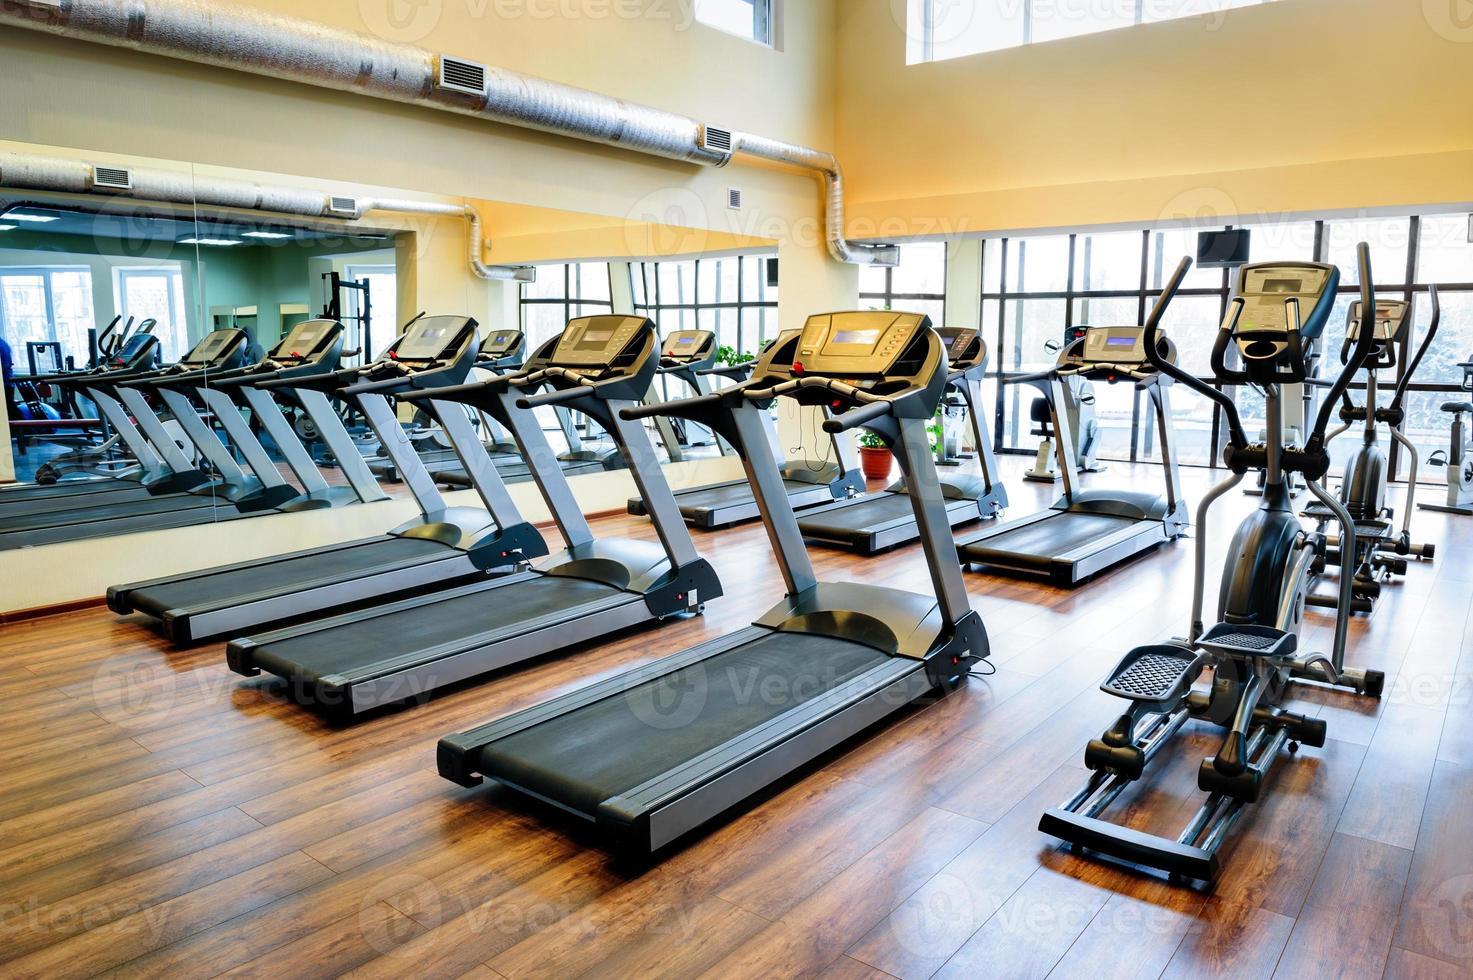 Treadmills photo